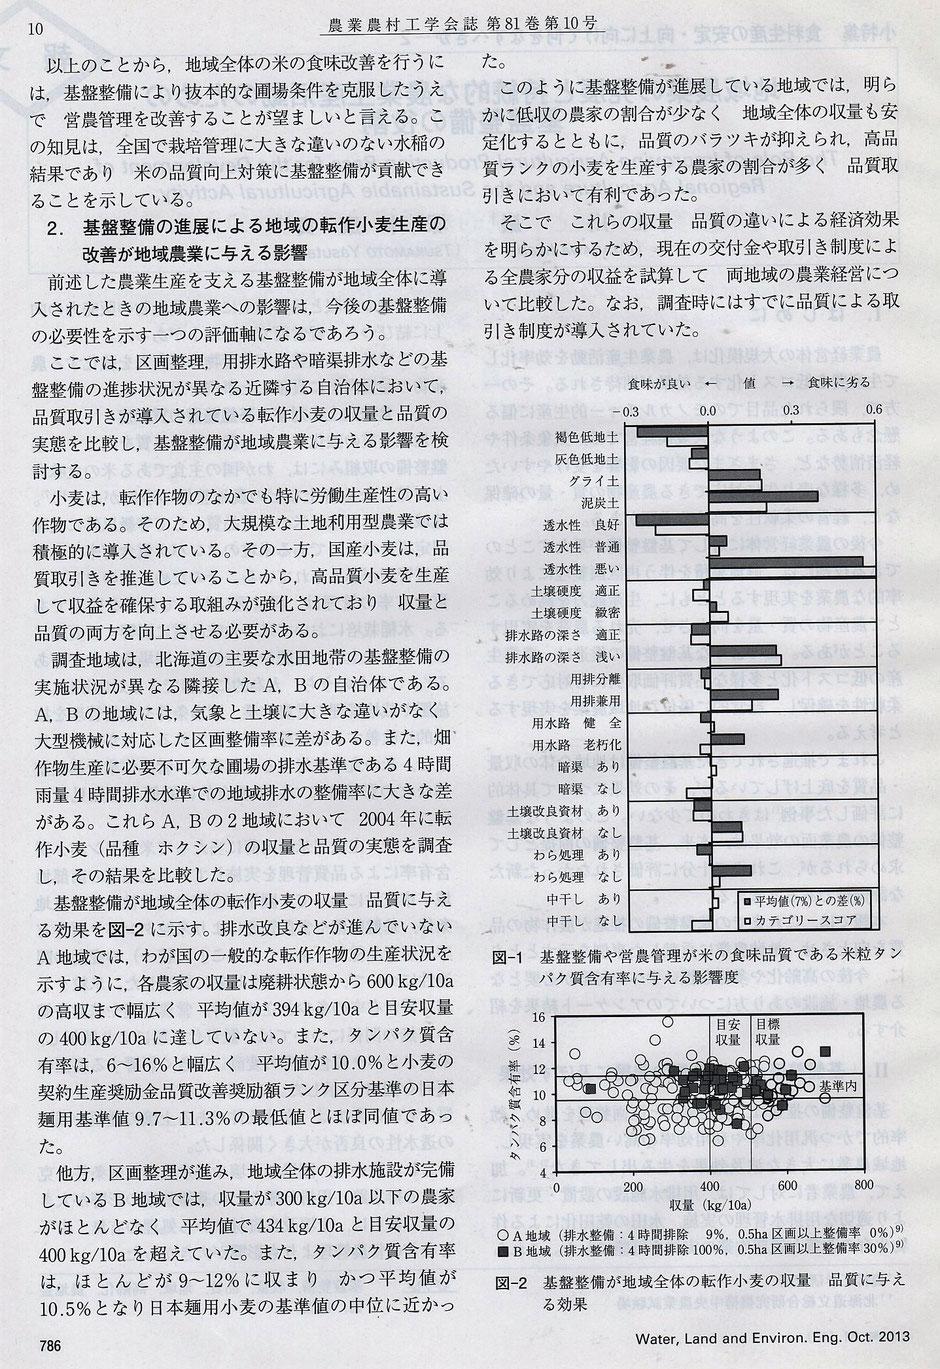 野菜畑に暗渠をすると、1割以上増収となる研究結果。